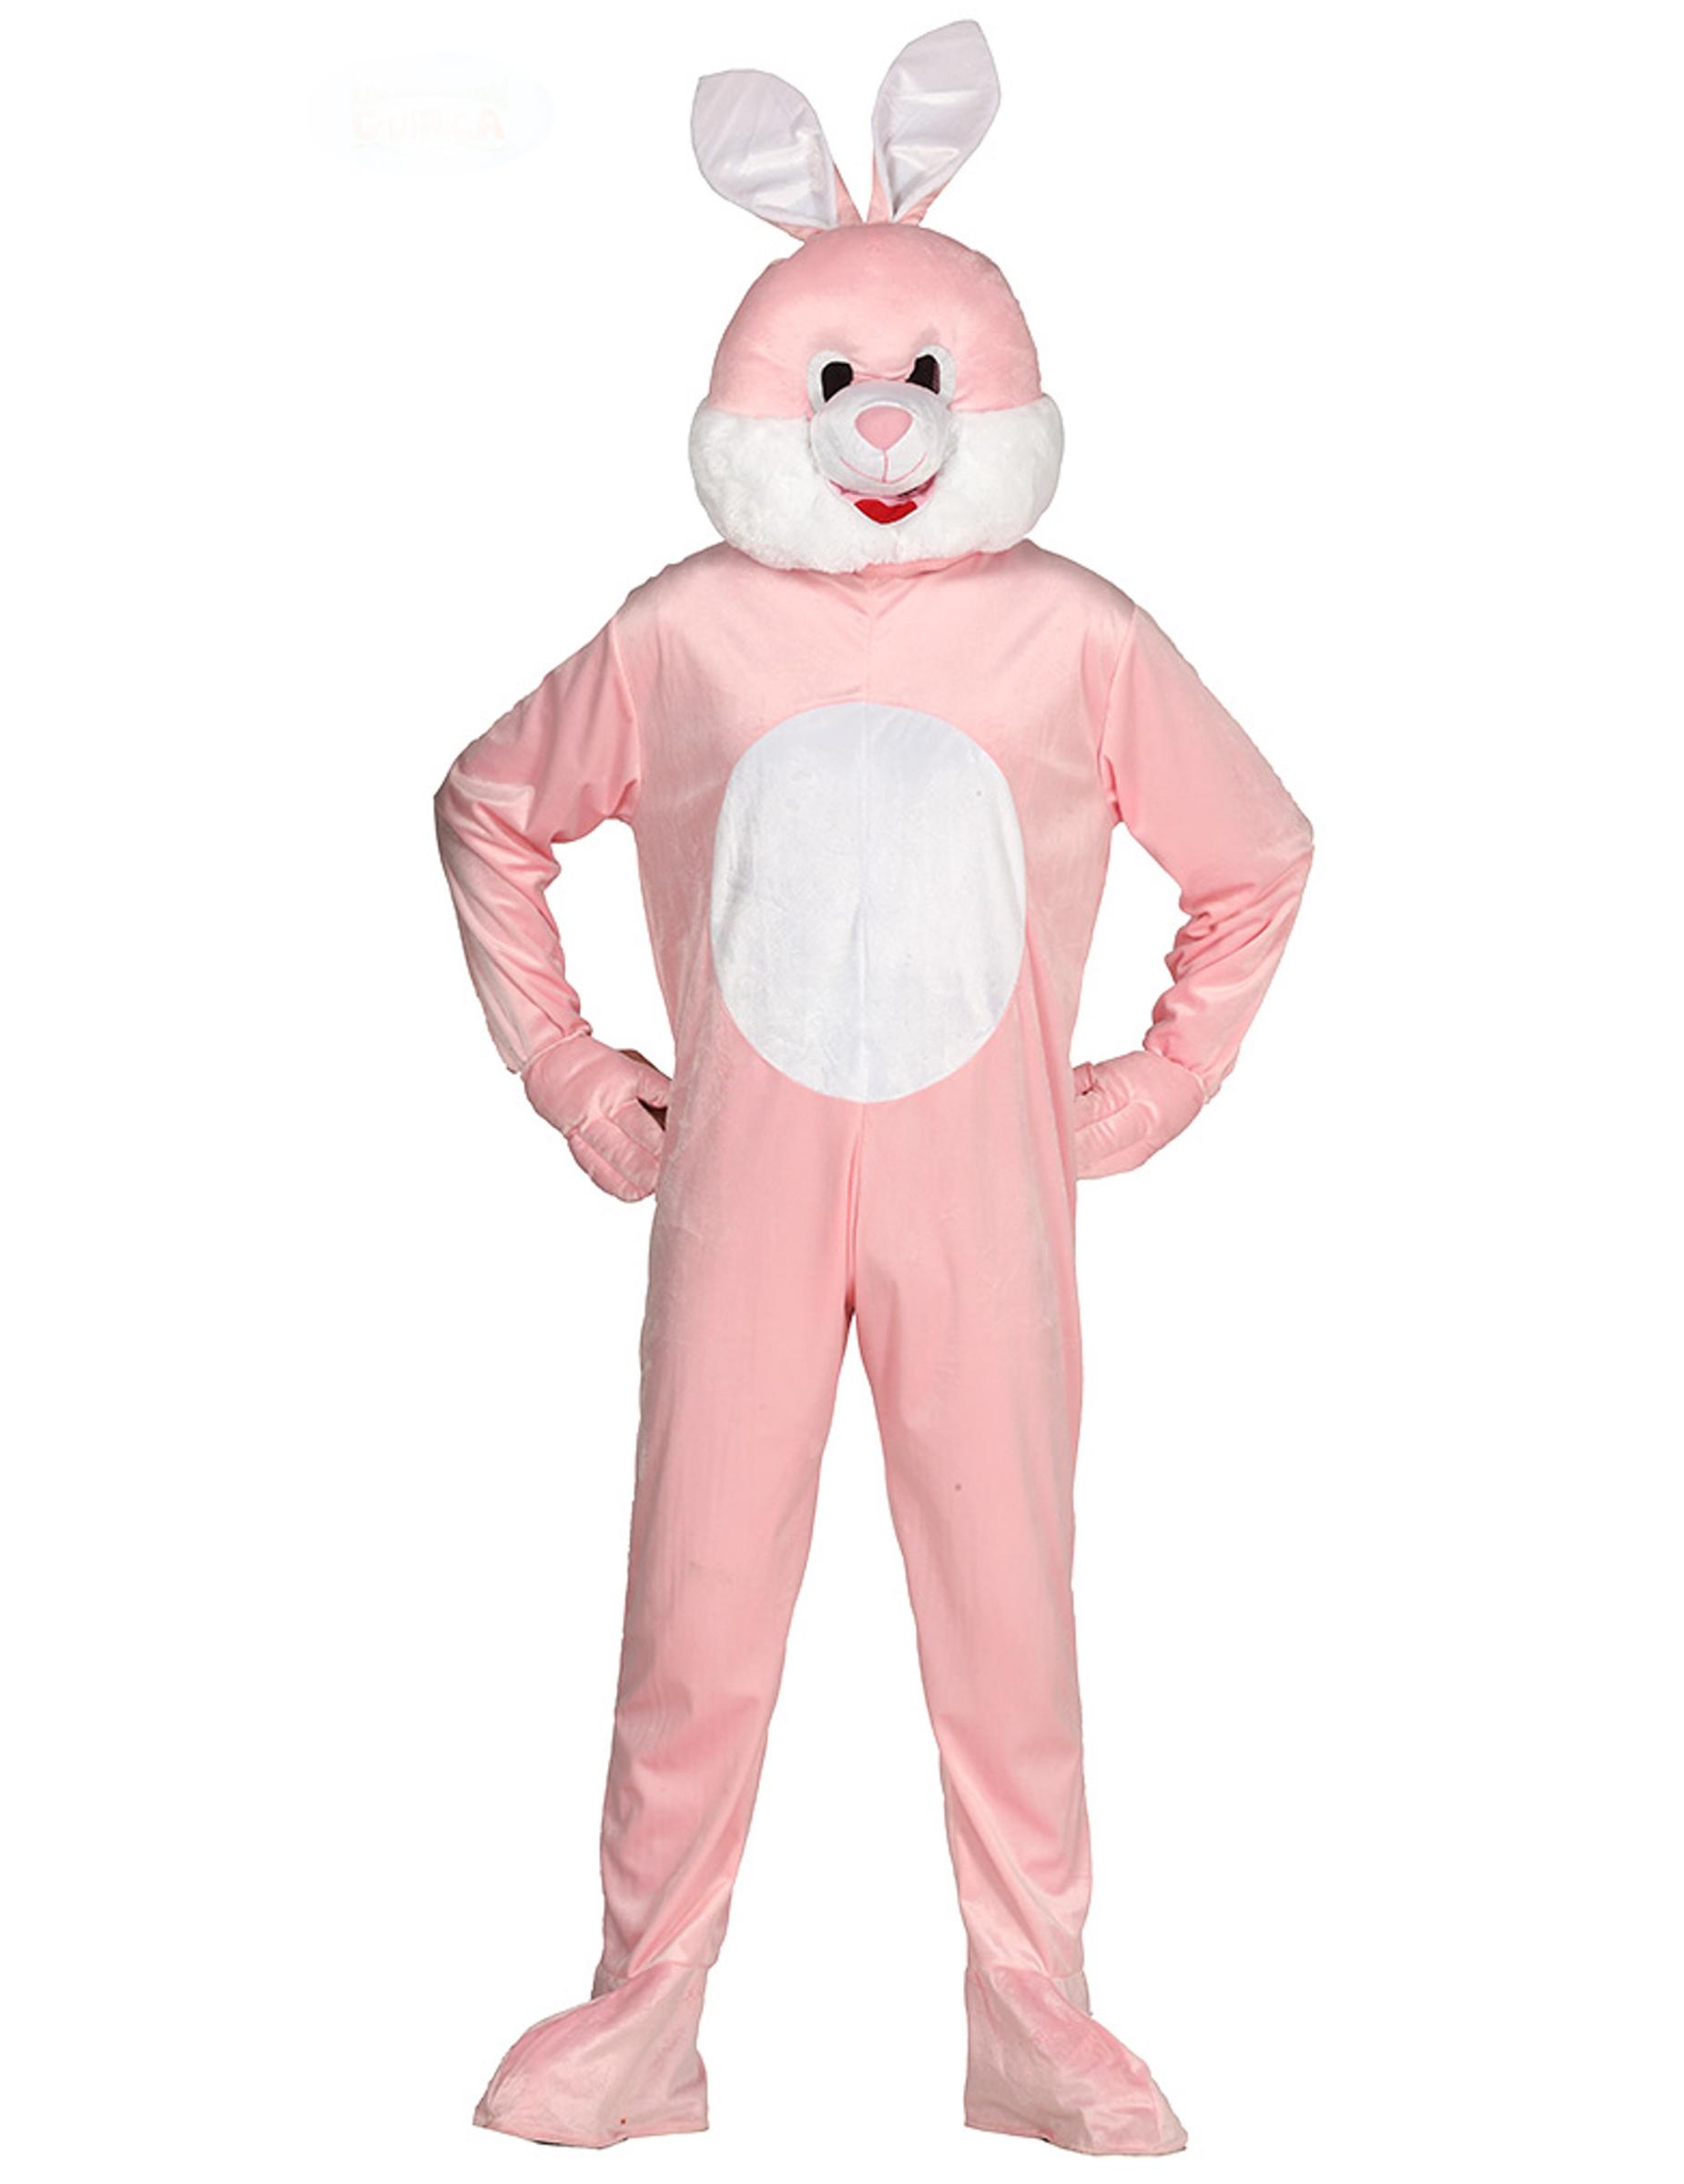 mascotte costume adulto  Costume tuta mascotte coniglio rosa adulto : Costumi adulti,e ...